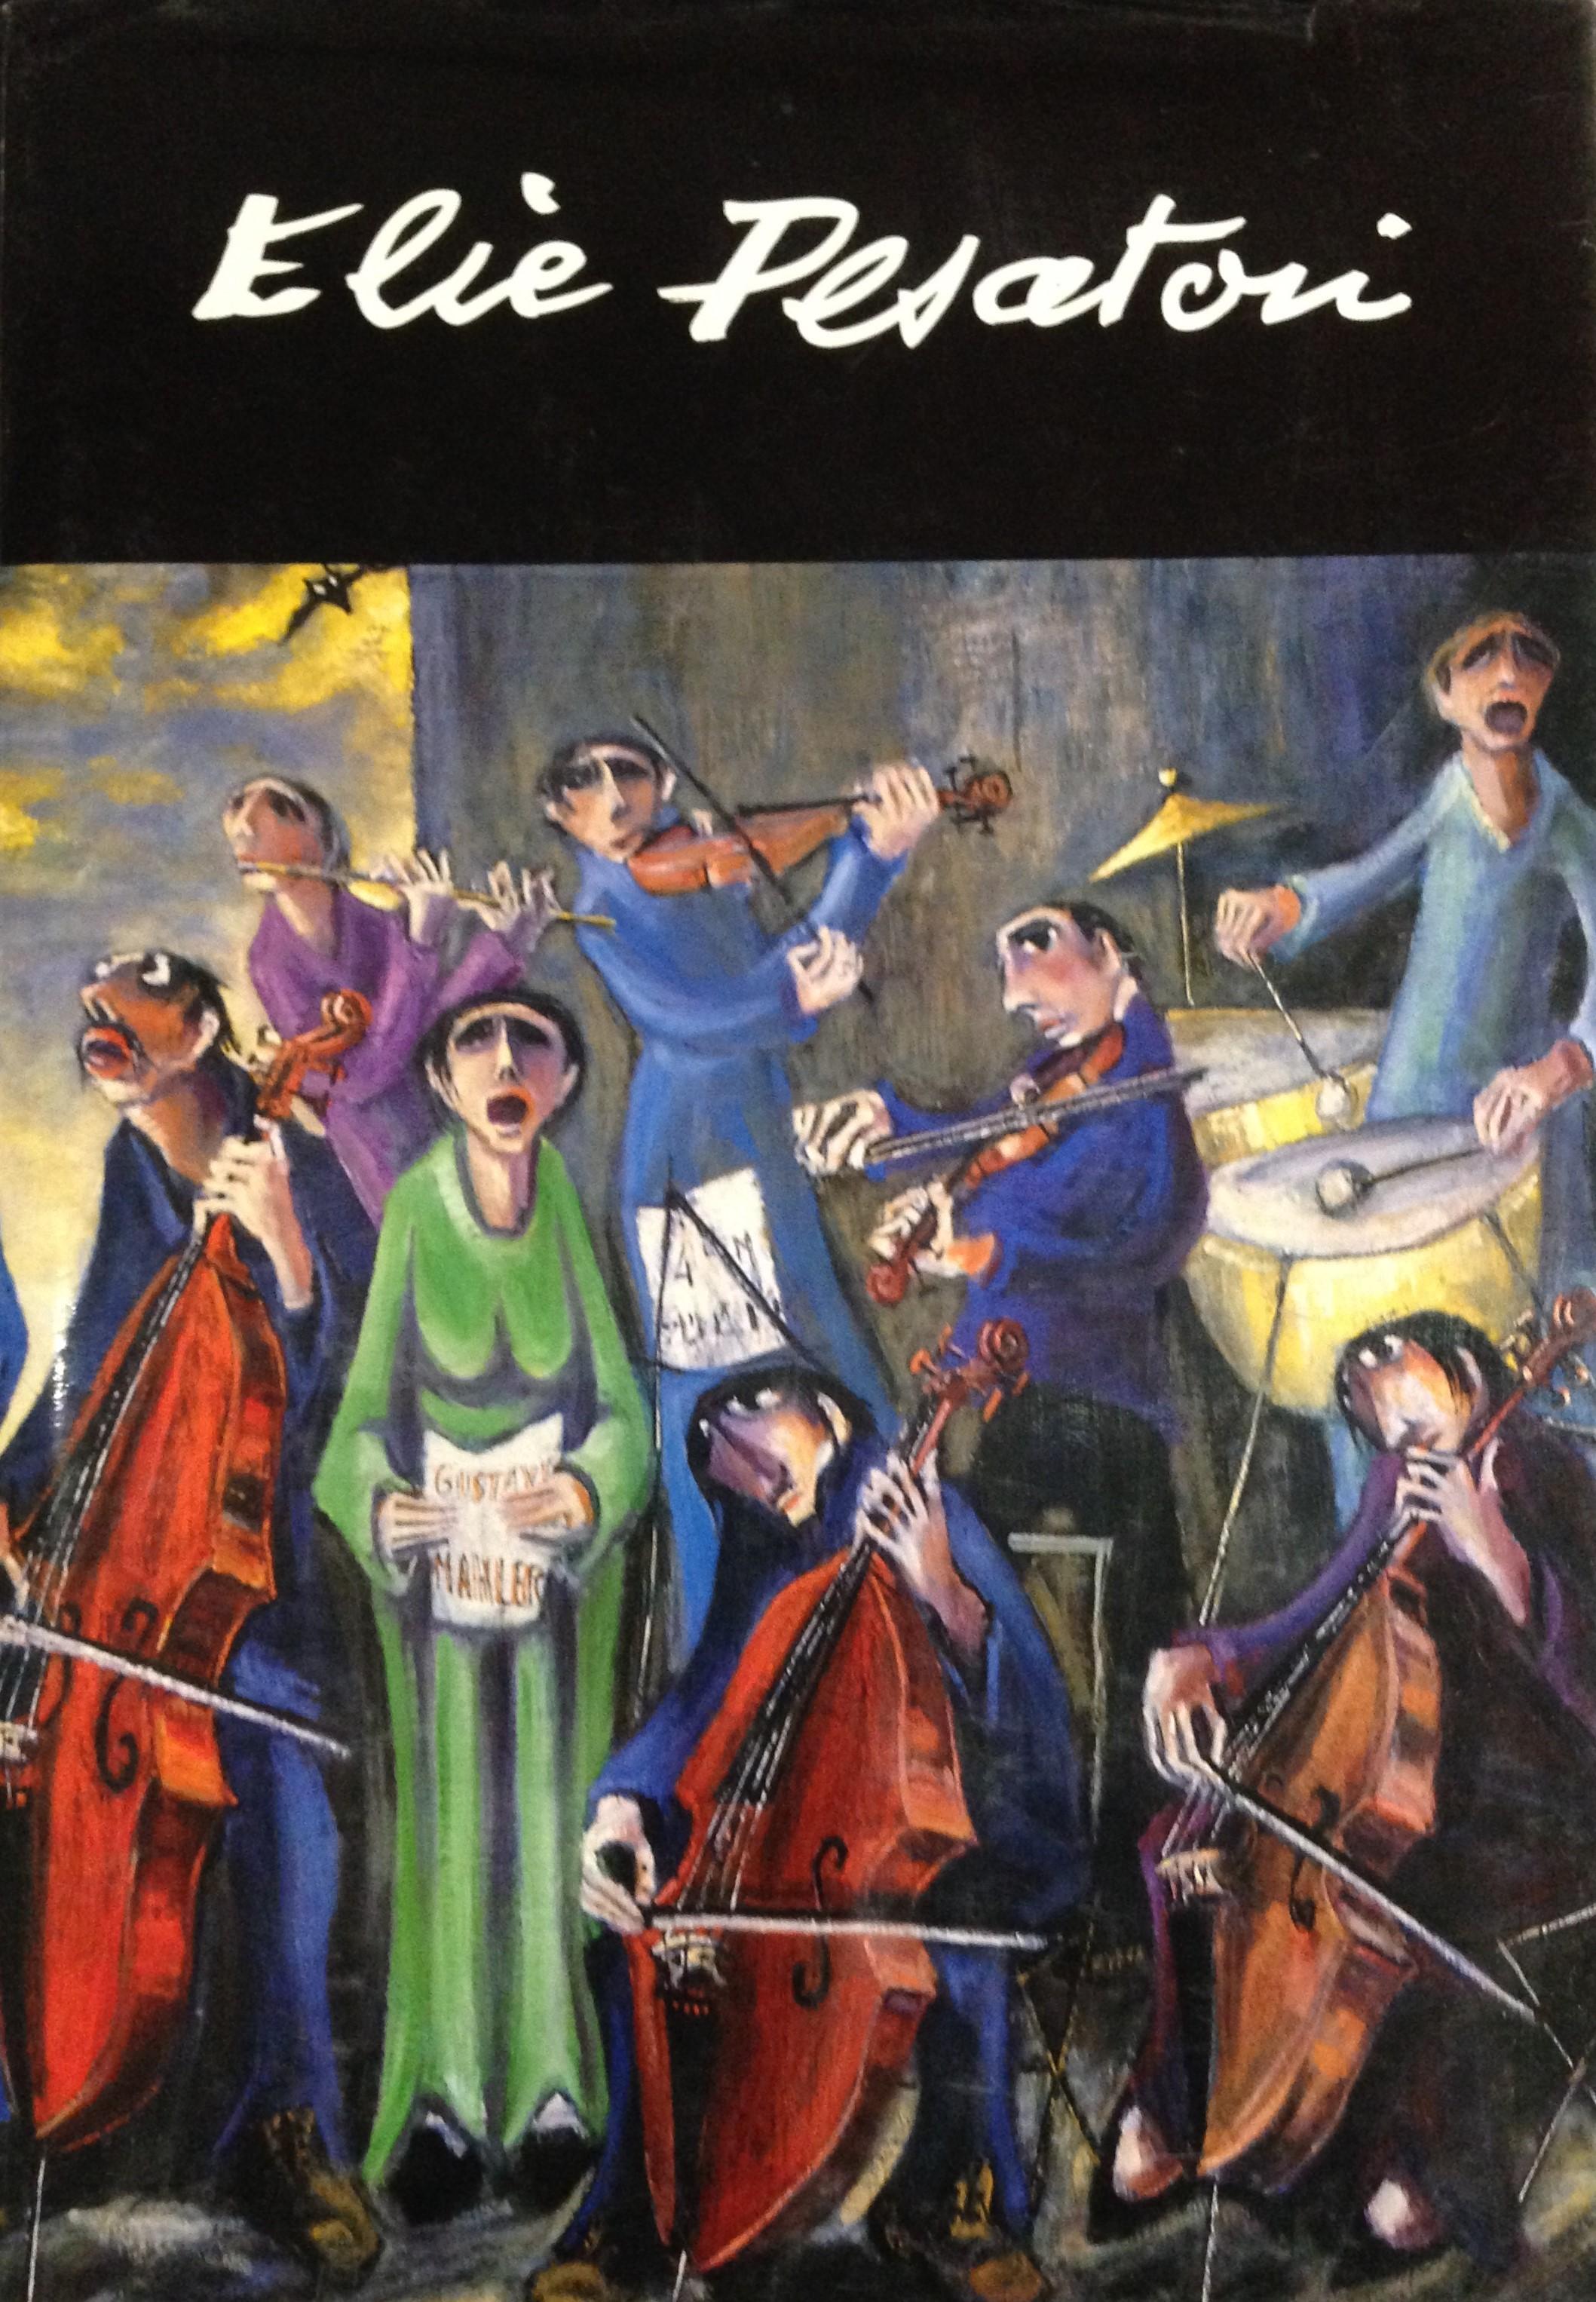 Elie Pesatori - Retrospective 1947-1993